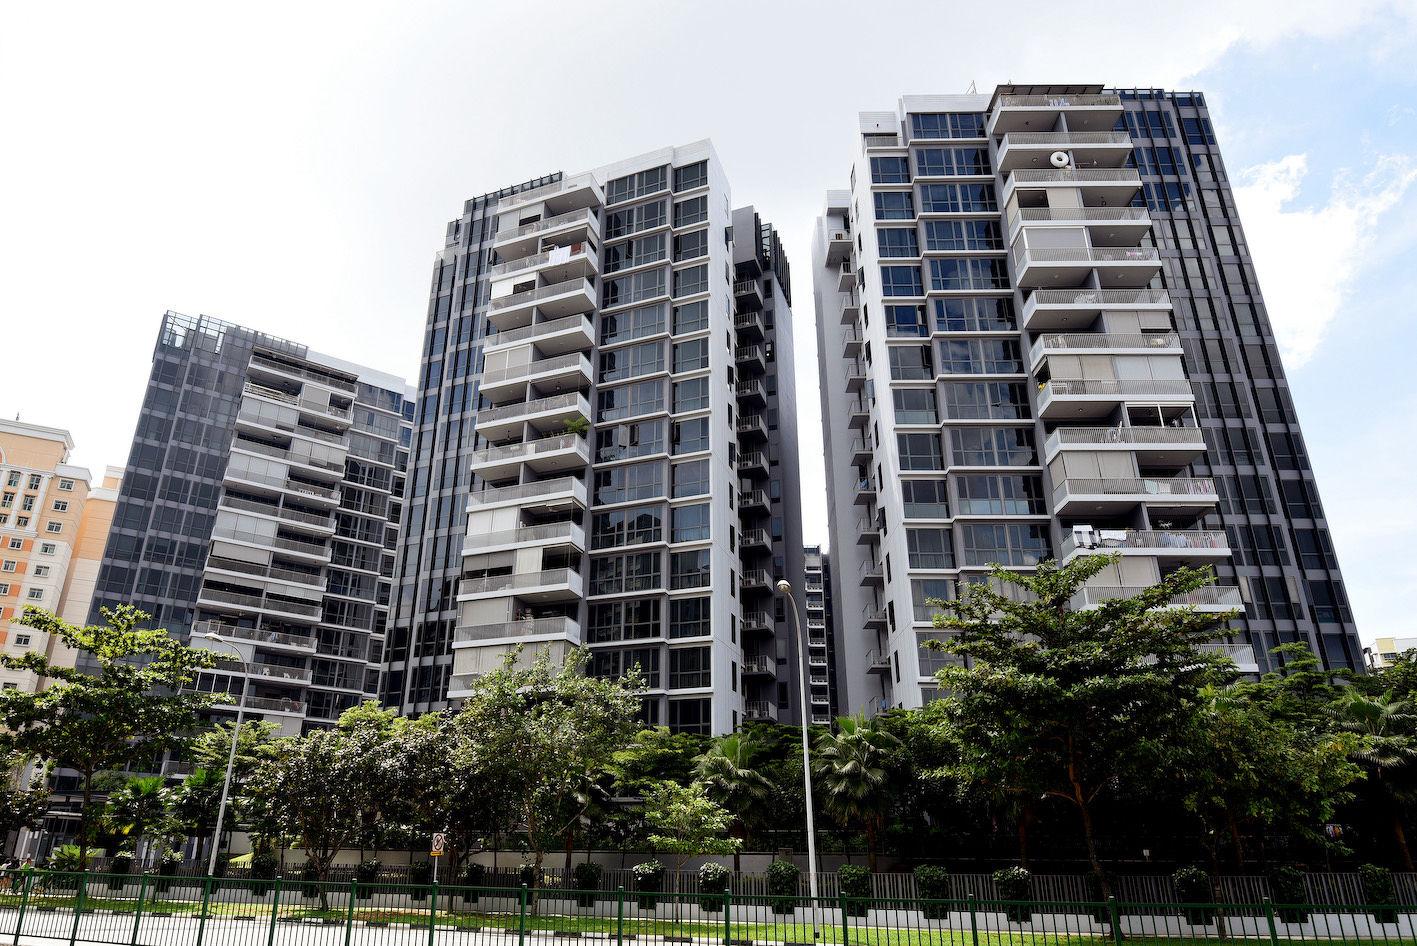 BLD PARC CENTROS - EDGEPROP SINGAPORE